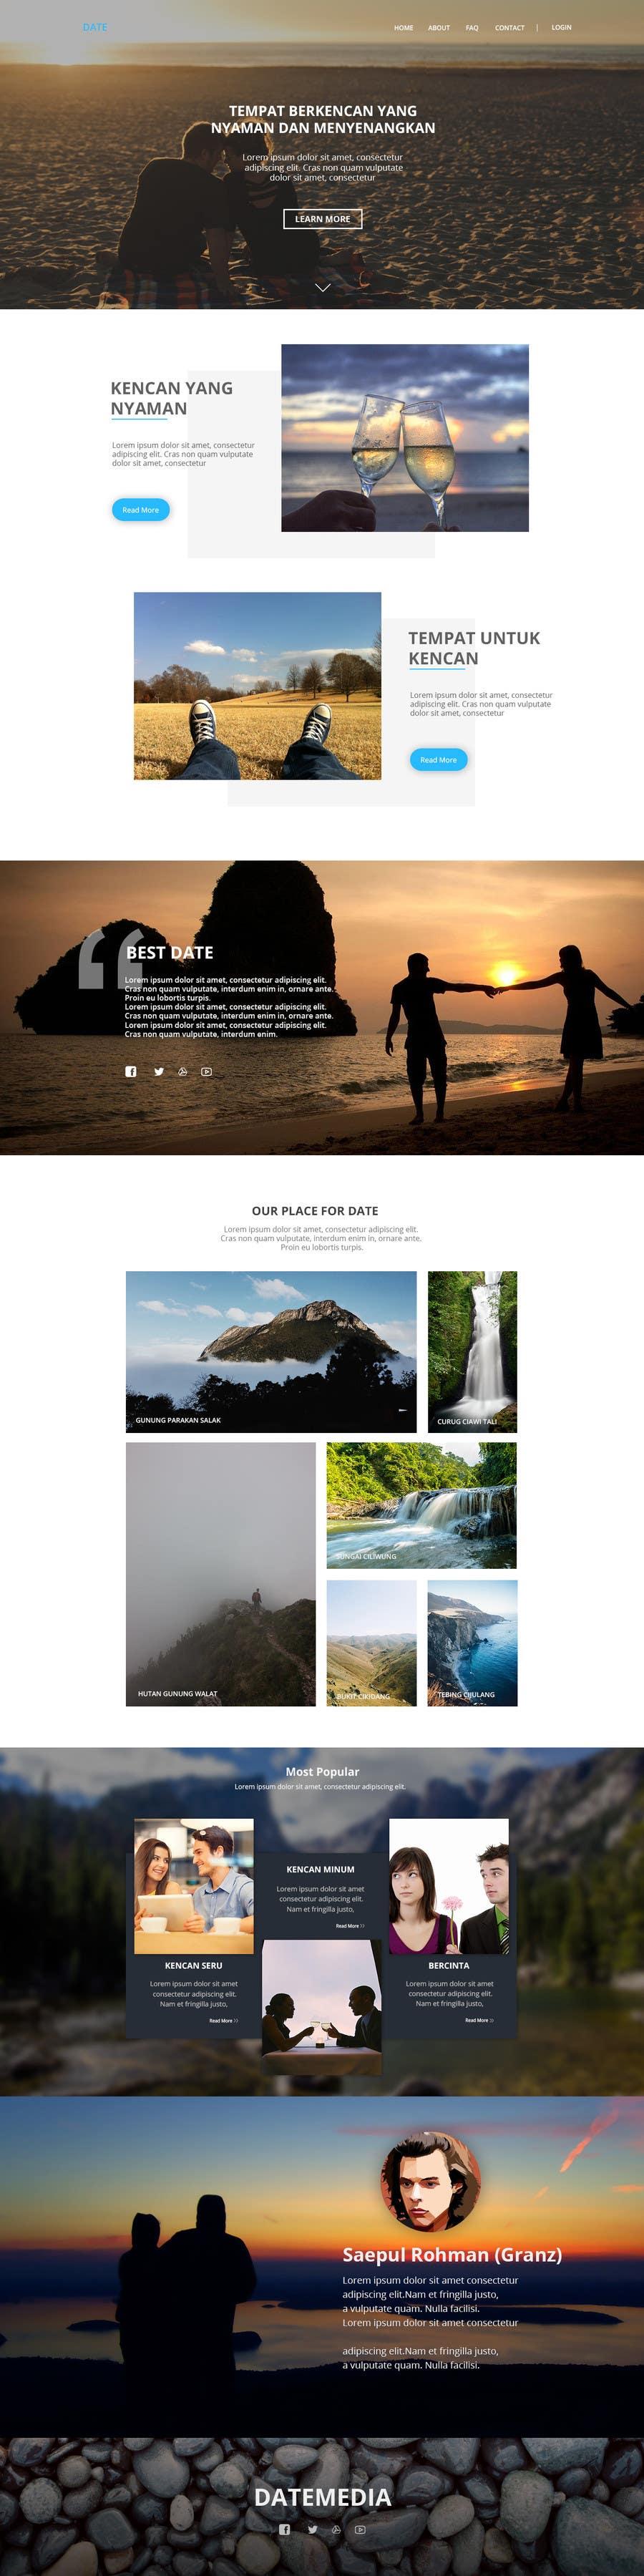 Kilpailutyö #8 kilpailussa Design a Website Mockup